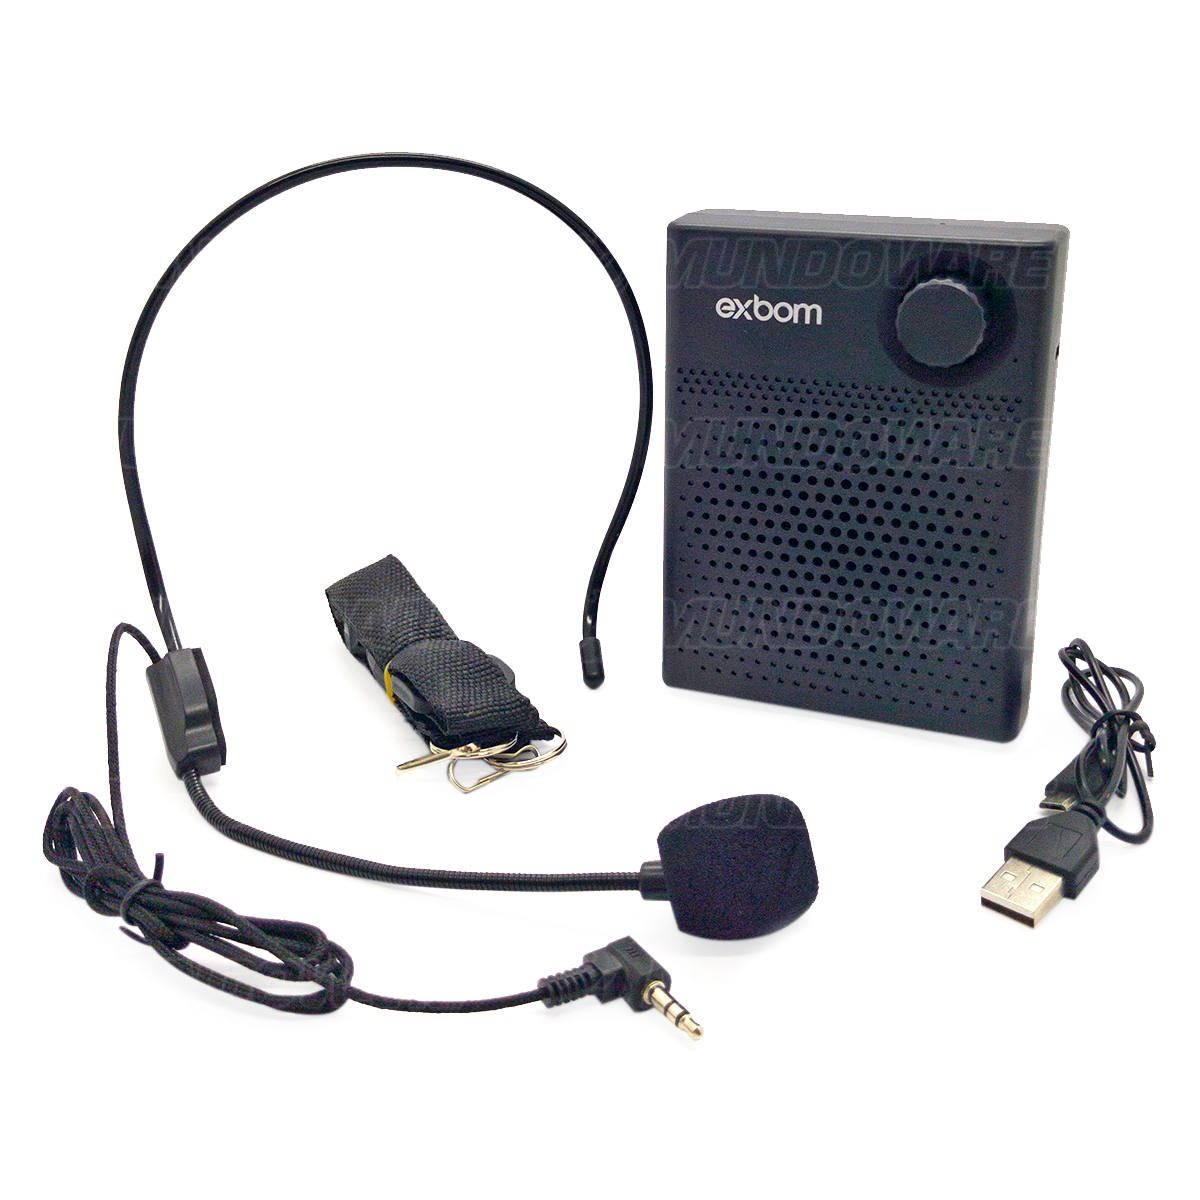 Megafone Amplificador Bluetooth com Headset 7W Bateria 1200mAh Recarregável Alça de Ombro Exbom CS-B16BT Preto